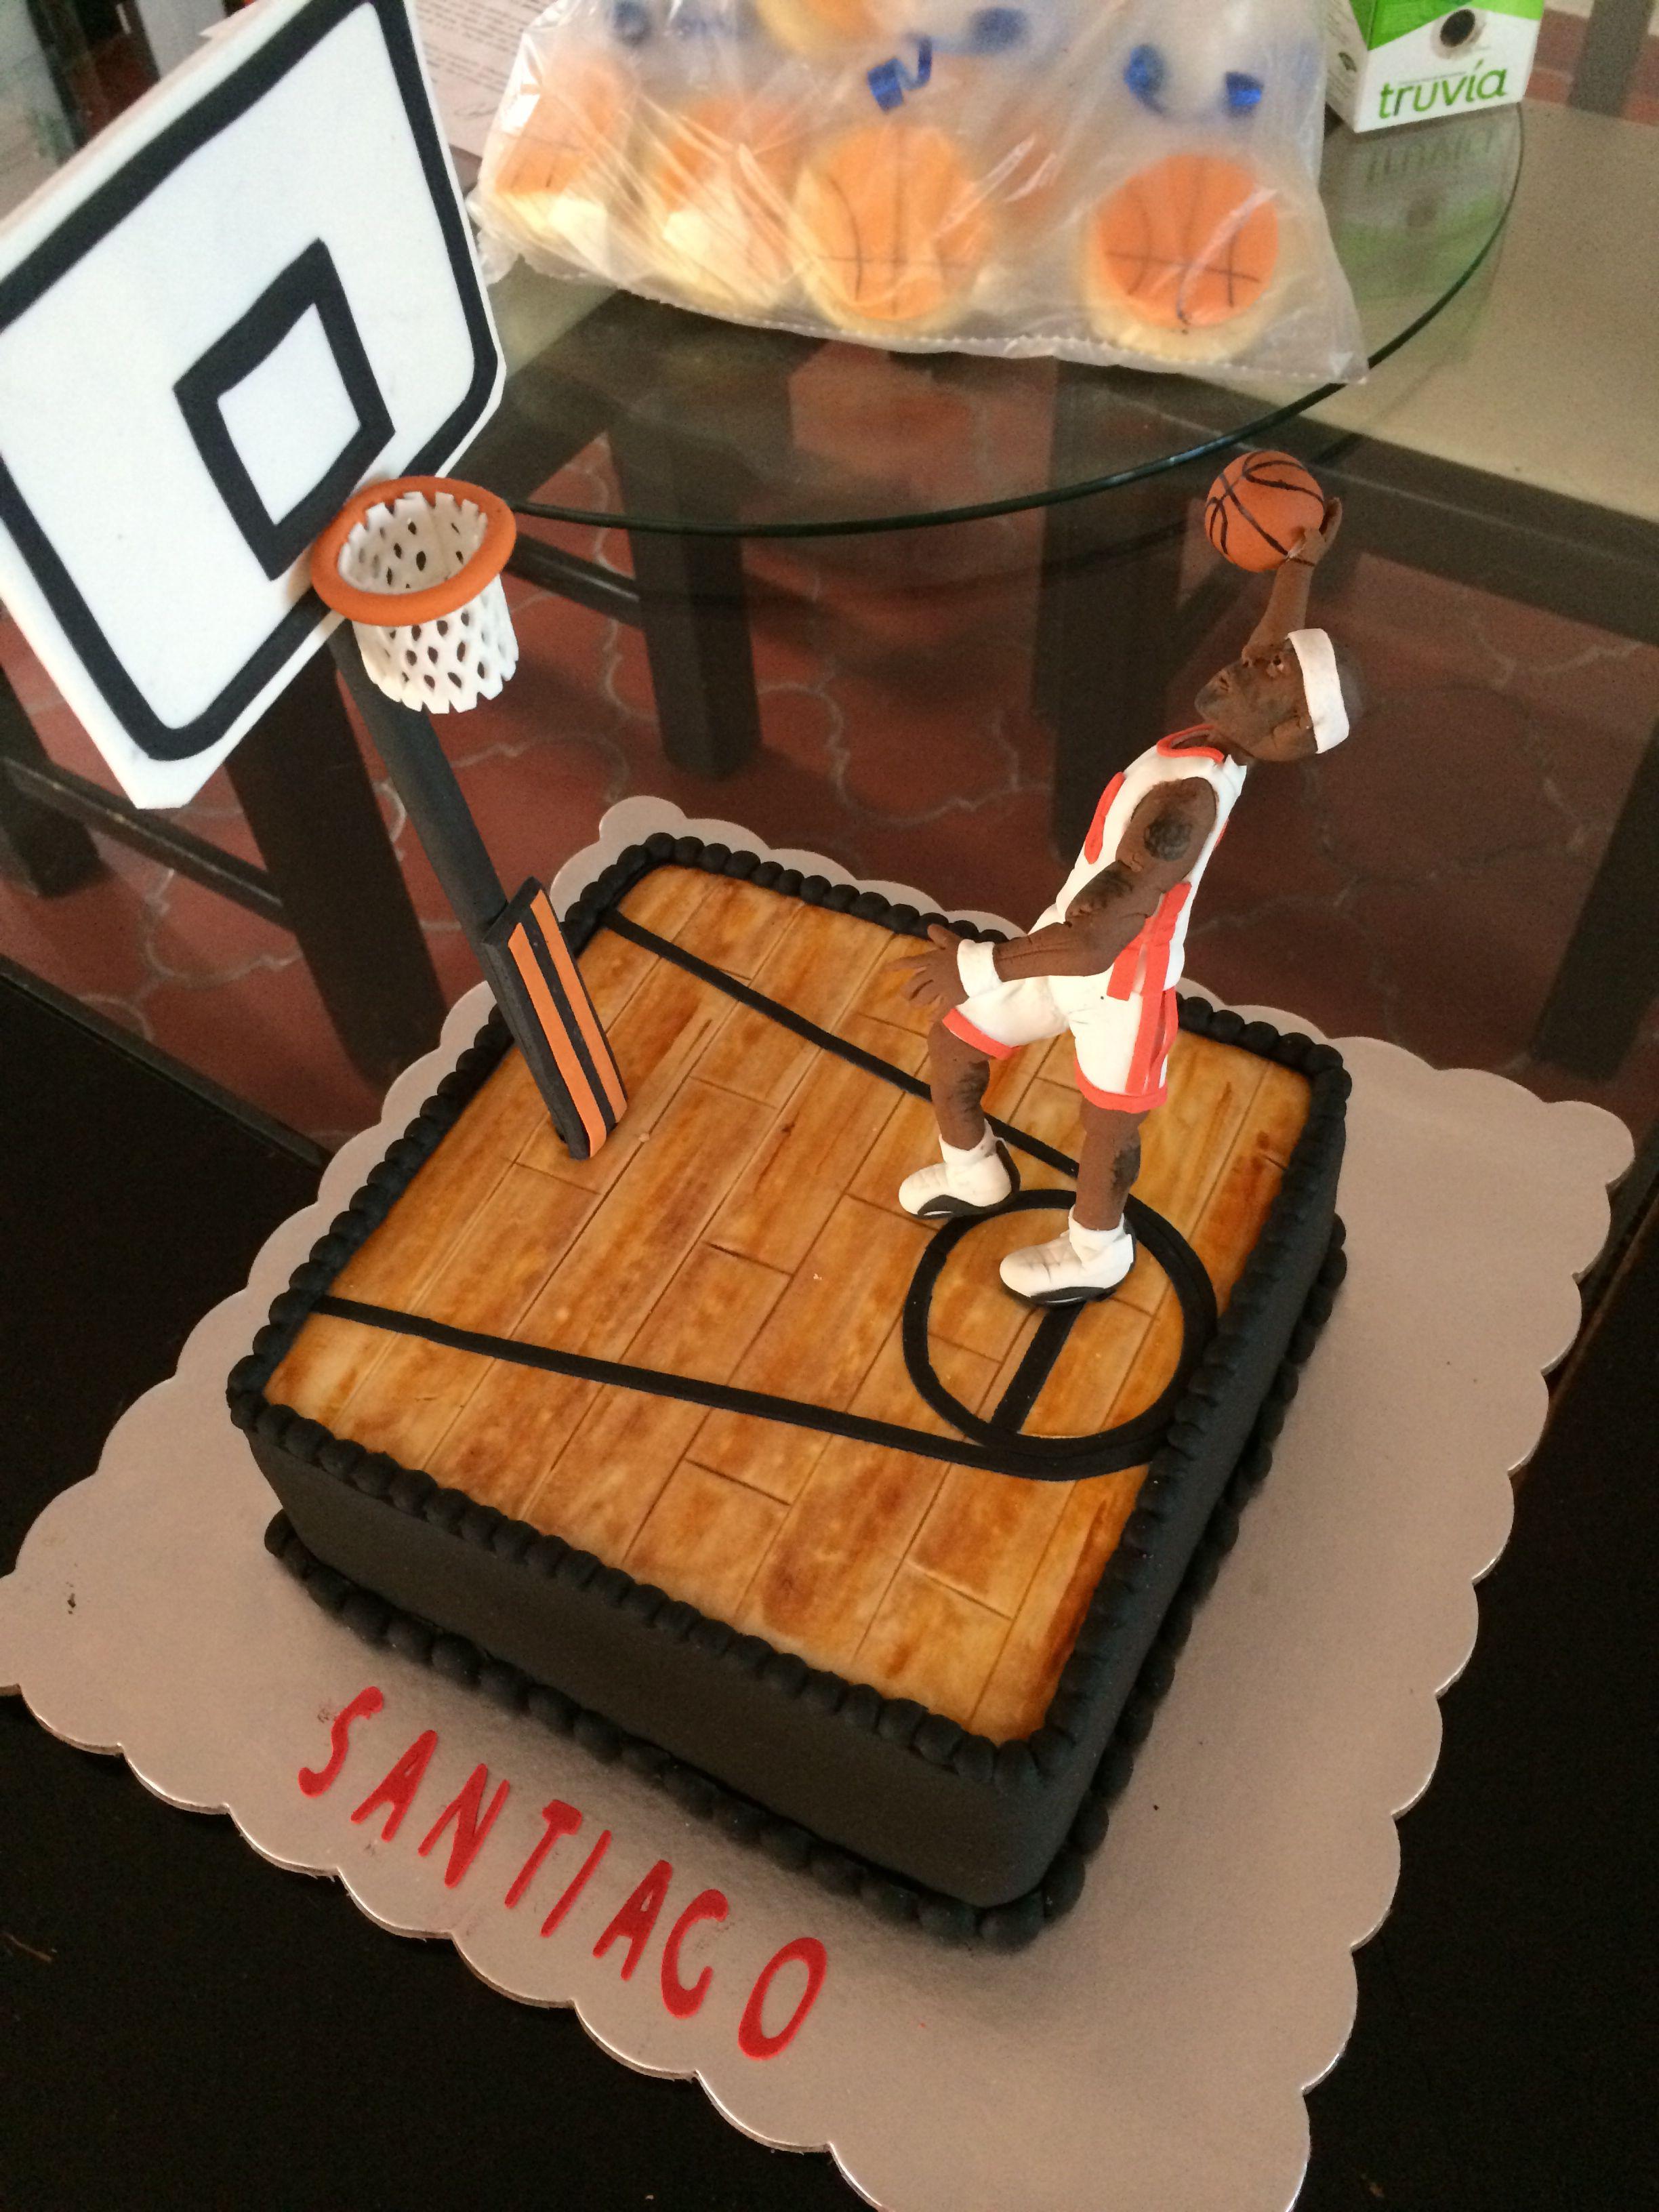 Pin By Lori Williams On Cake Stuff Lebron James Birthday